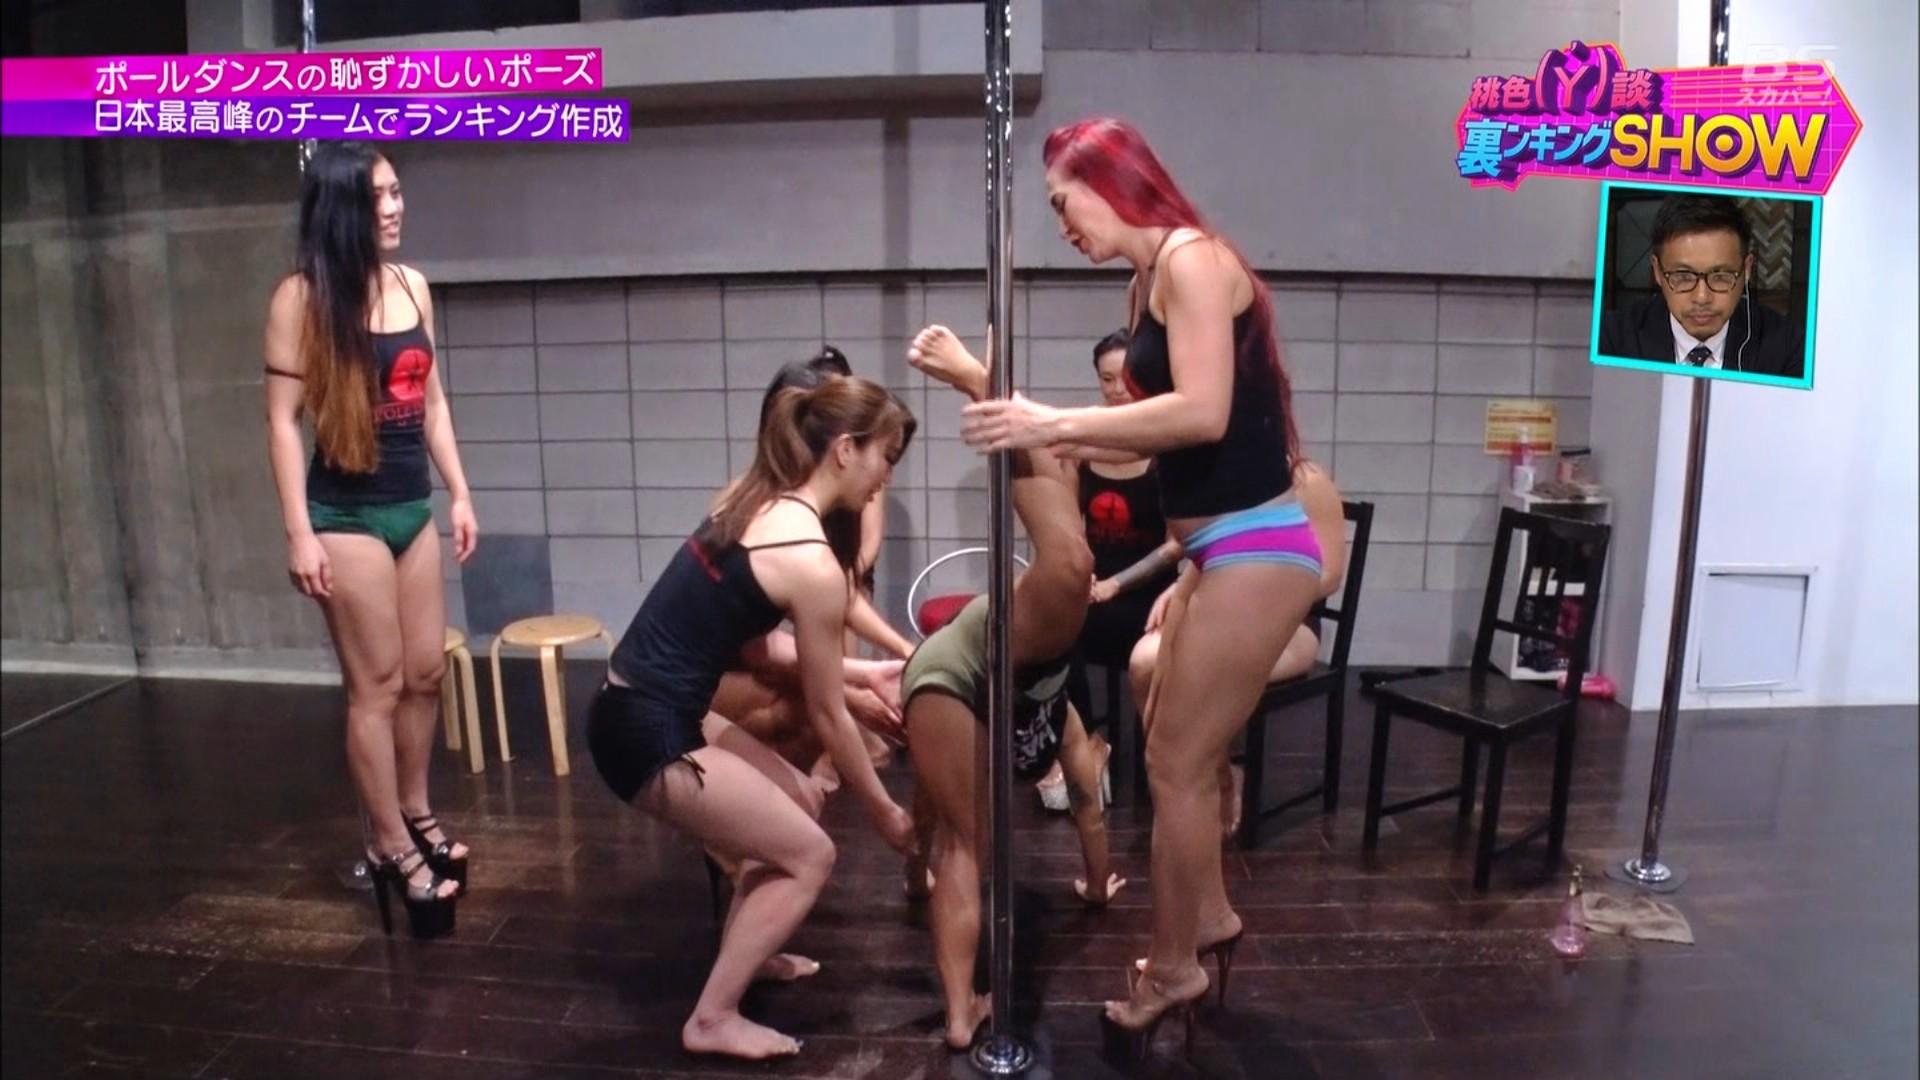 桃色Y談裏ンキングSHOW♯1のテレビキャプチャー画像-065